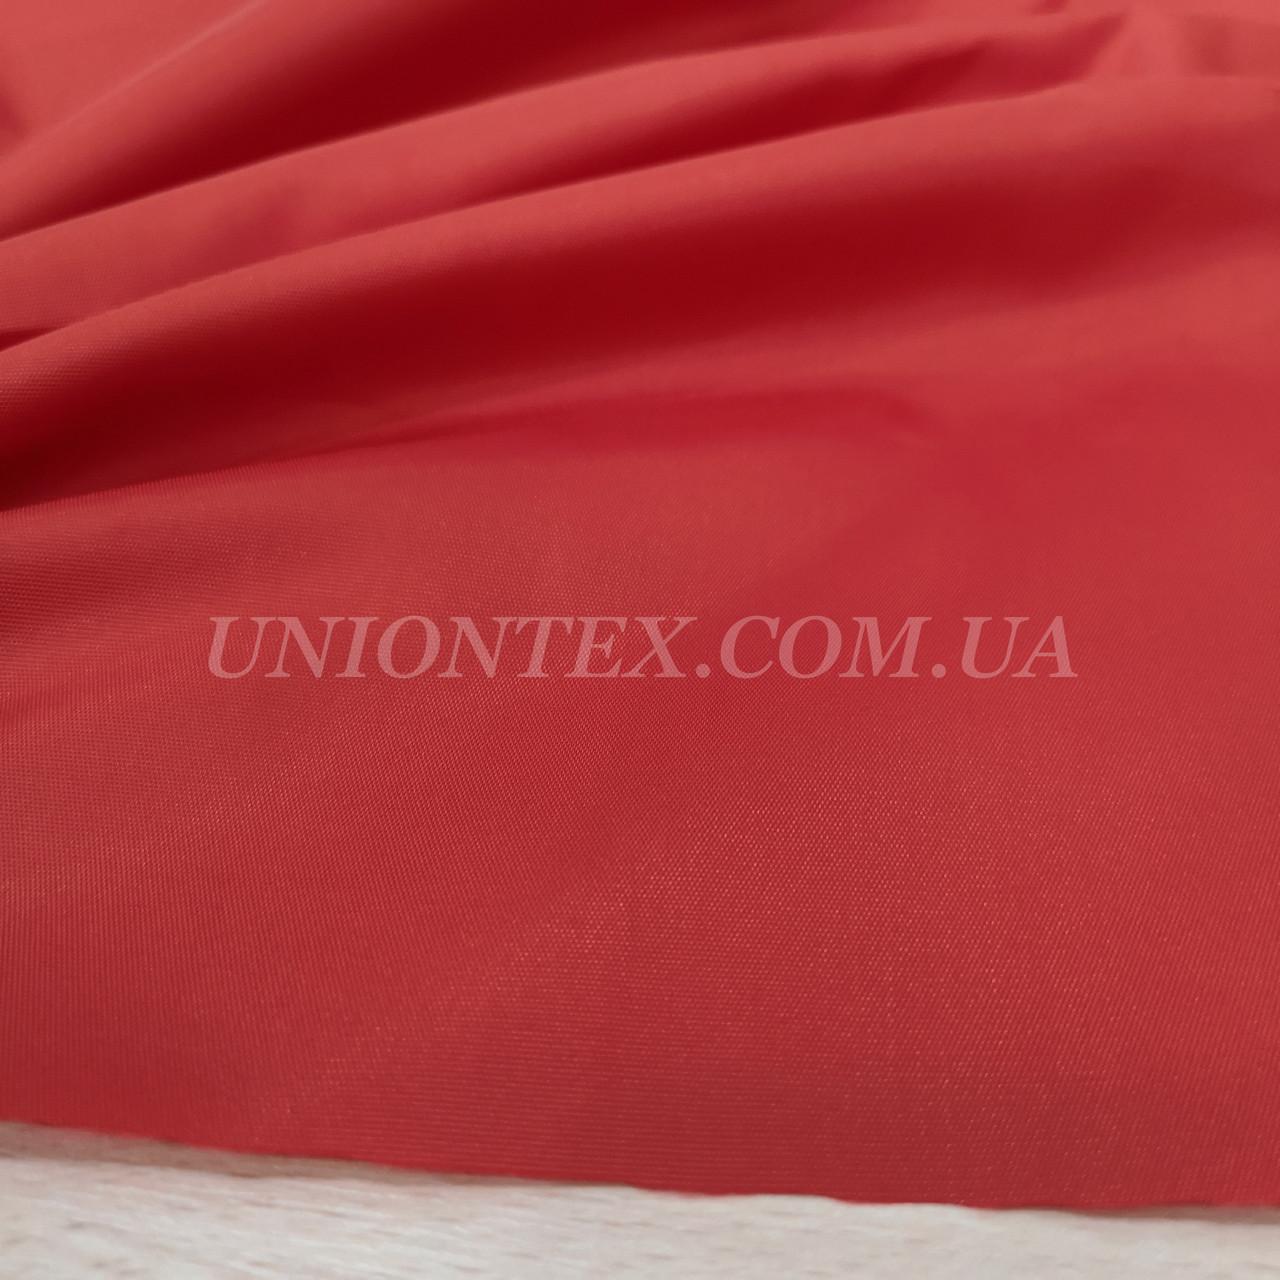 Ткань оксфорд 340D красный (135 г/м.кв)